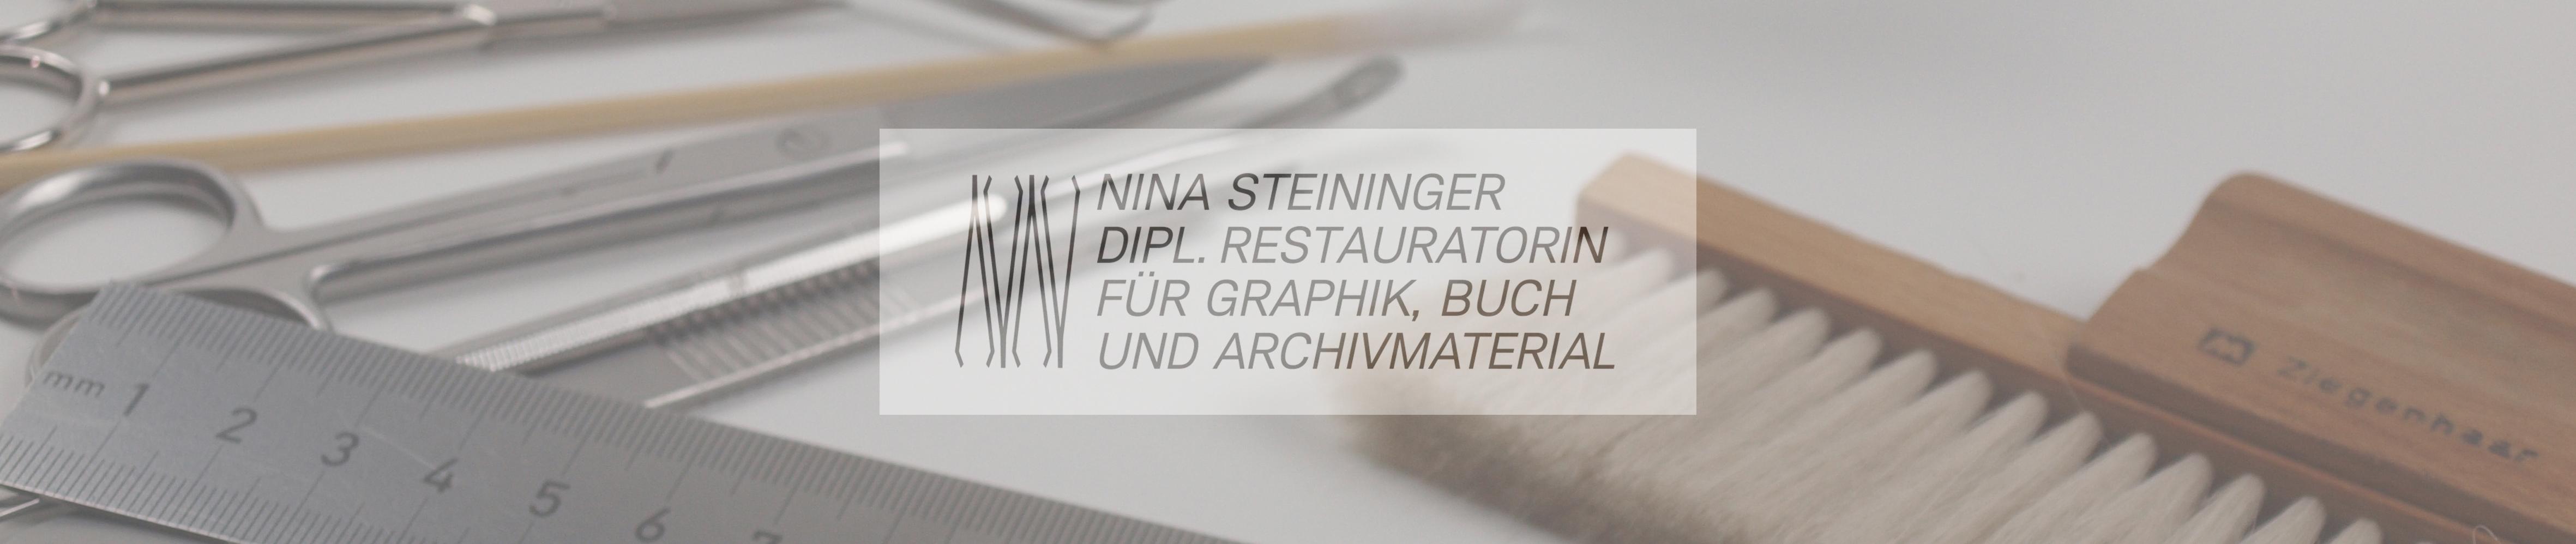 Nina Steininger